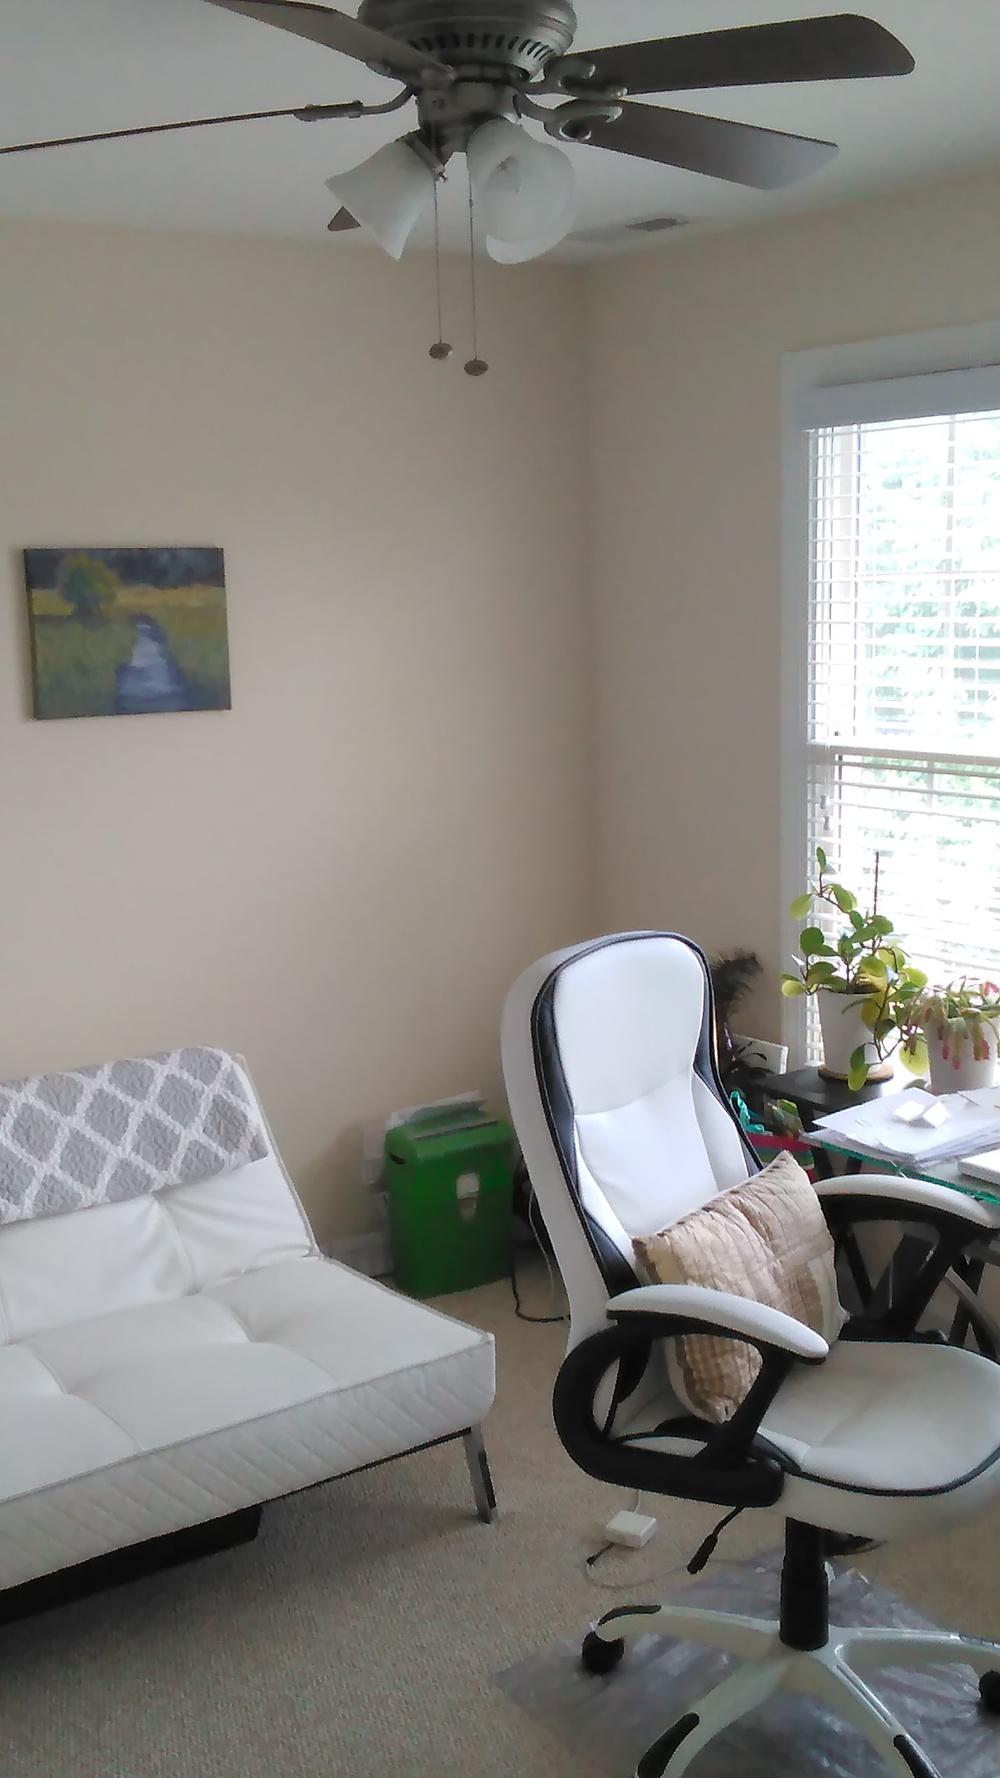 Copperline Drive, 527 - Bedroom II.jpg